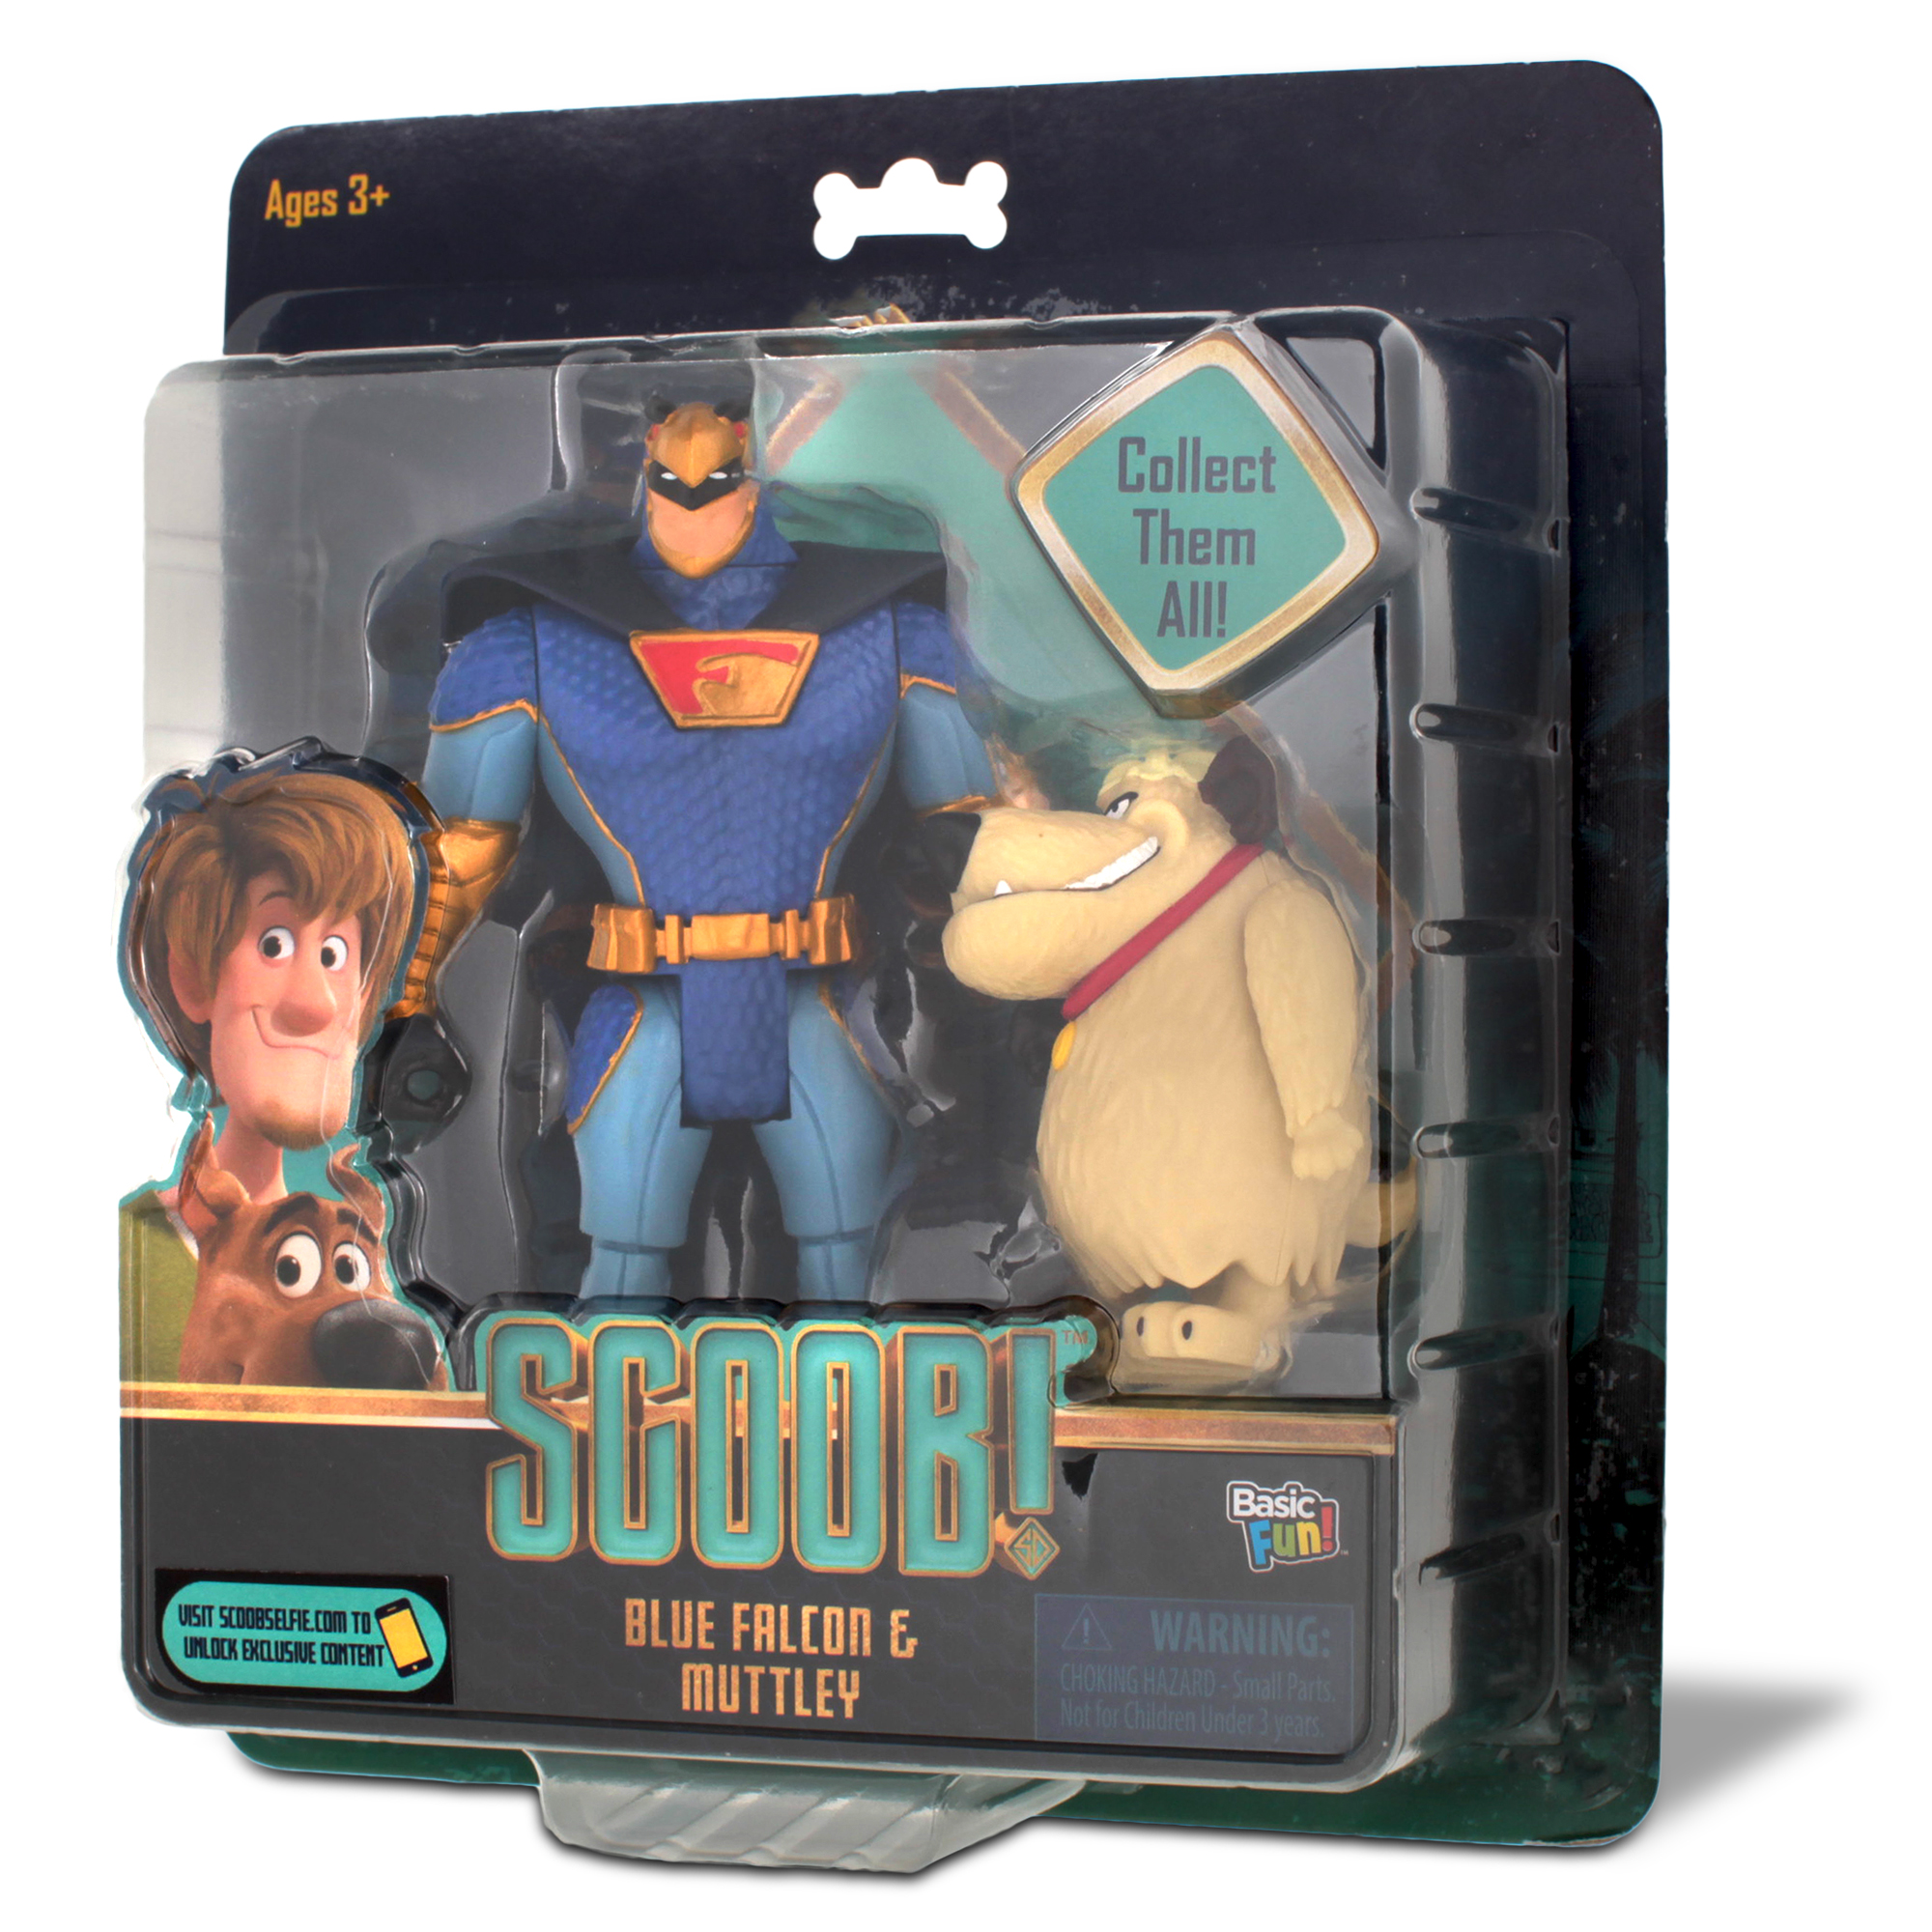 Scooby Doo SCOOB Action Figure Multi Pack con Shaggy e Blu Falcon